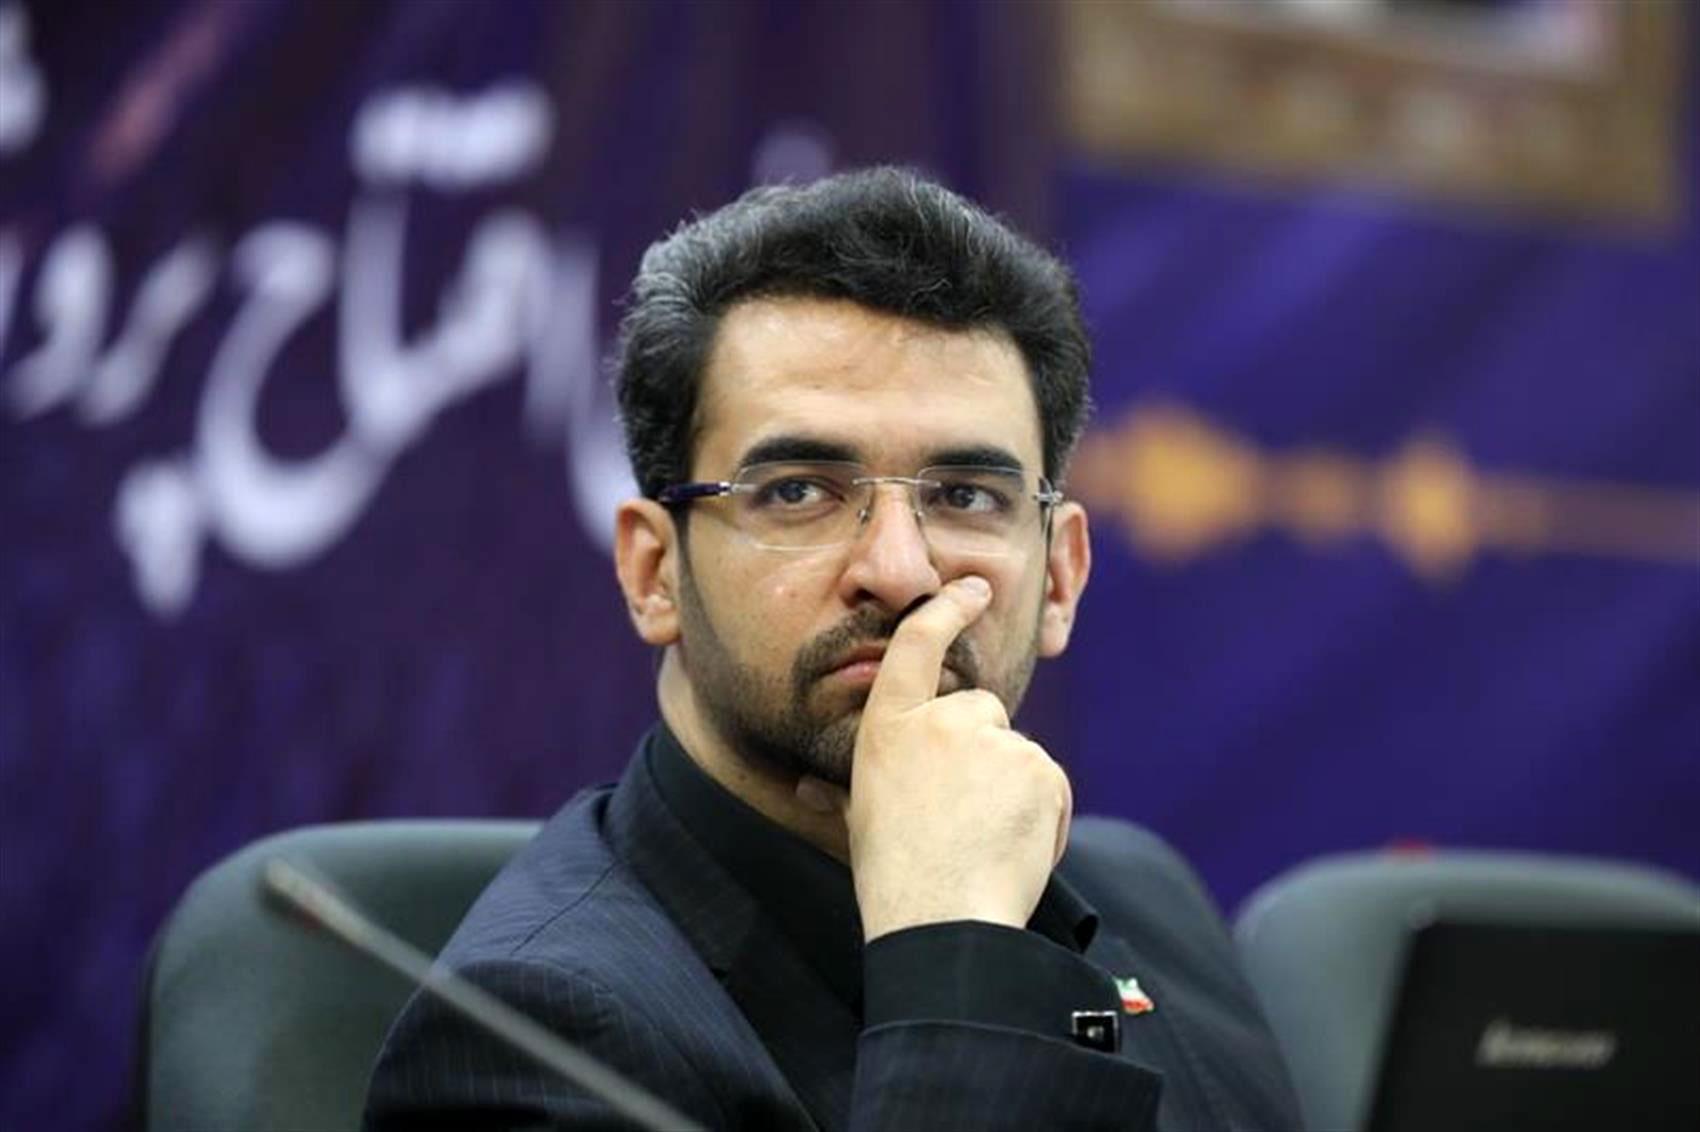 آذری جهرمی می گوید که دست امریکا را از حذف نرم افزارهای ایرانی کوتاه می کند